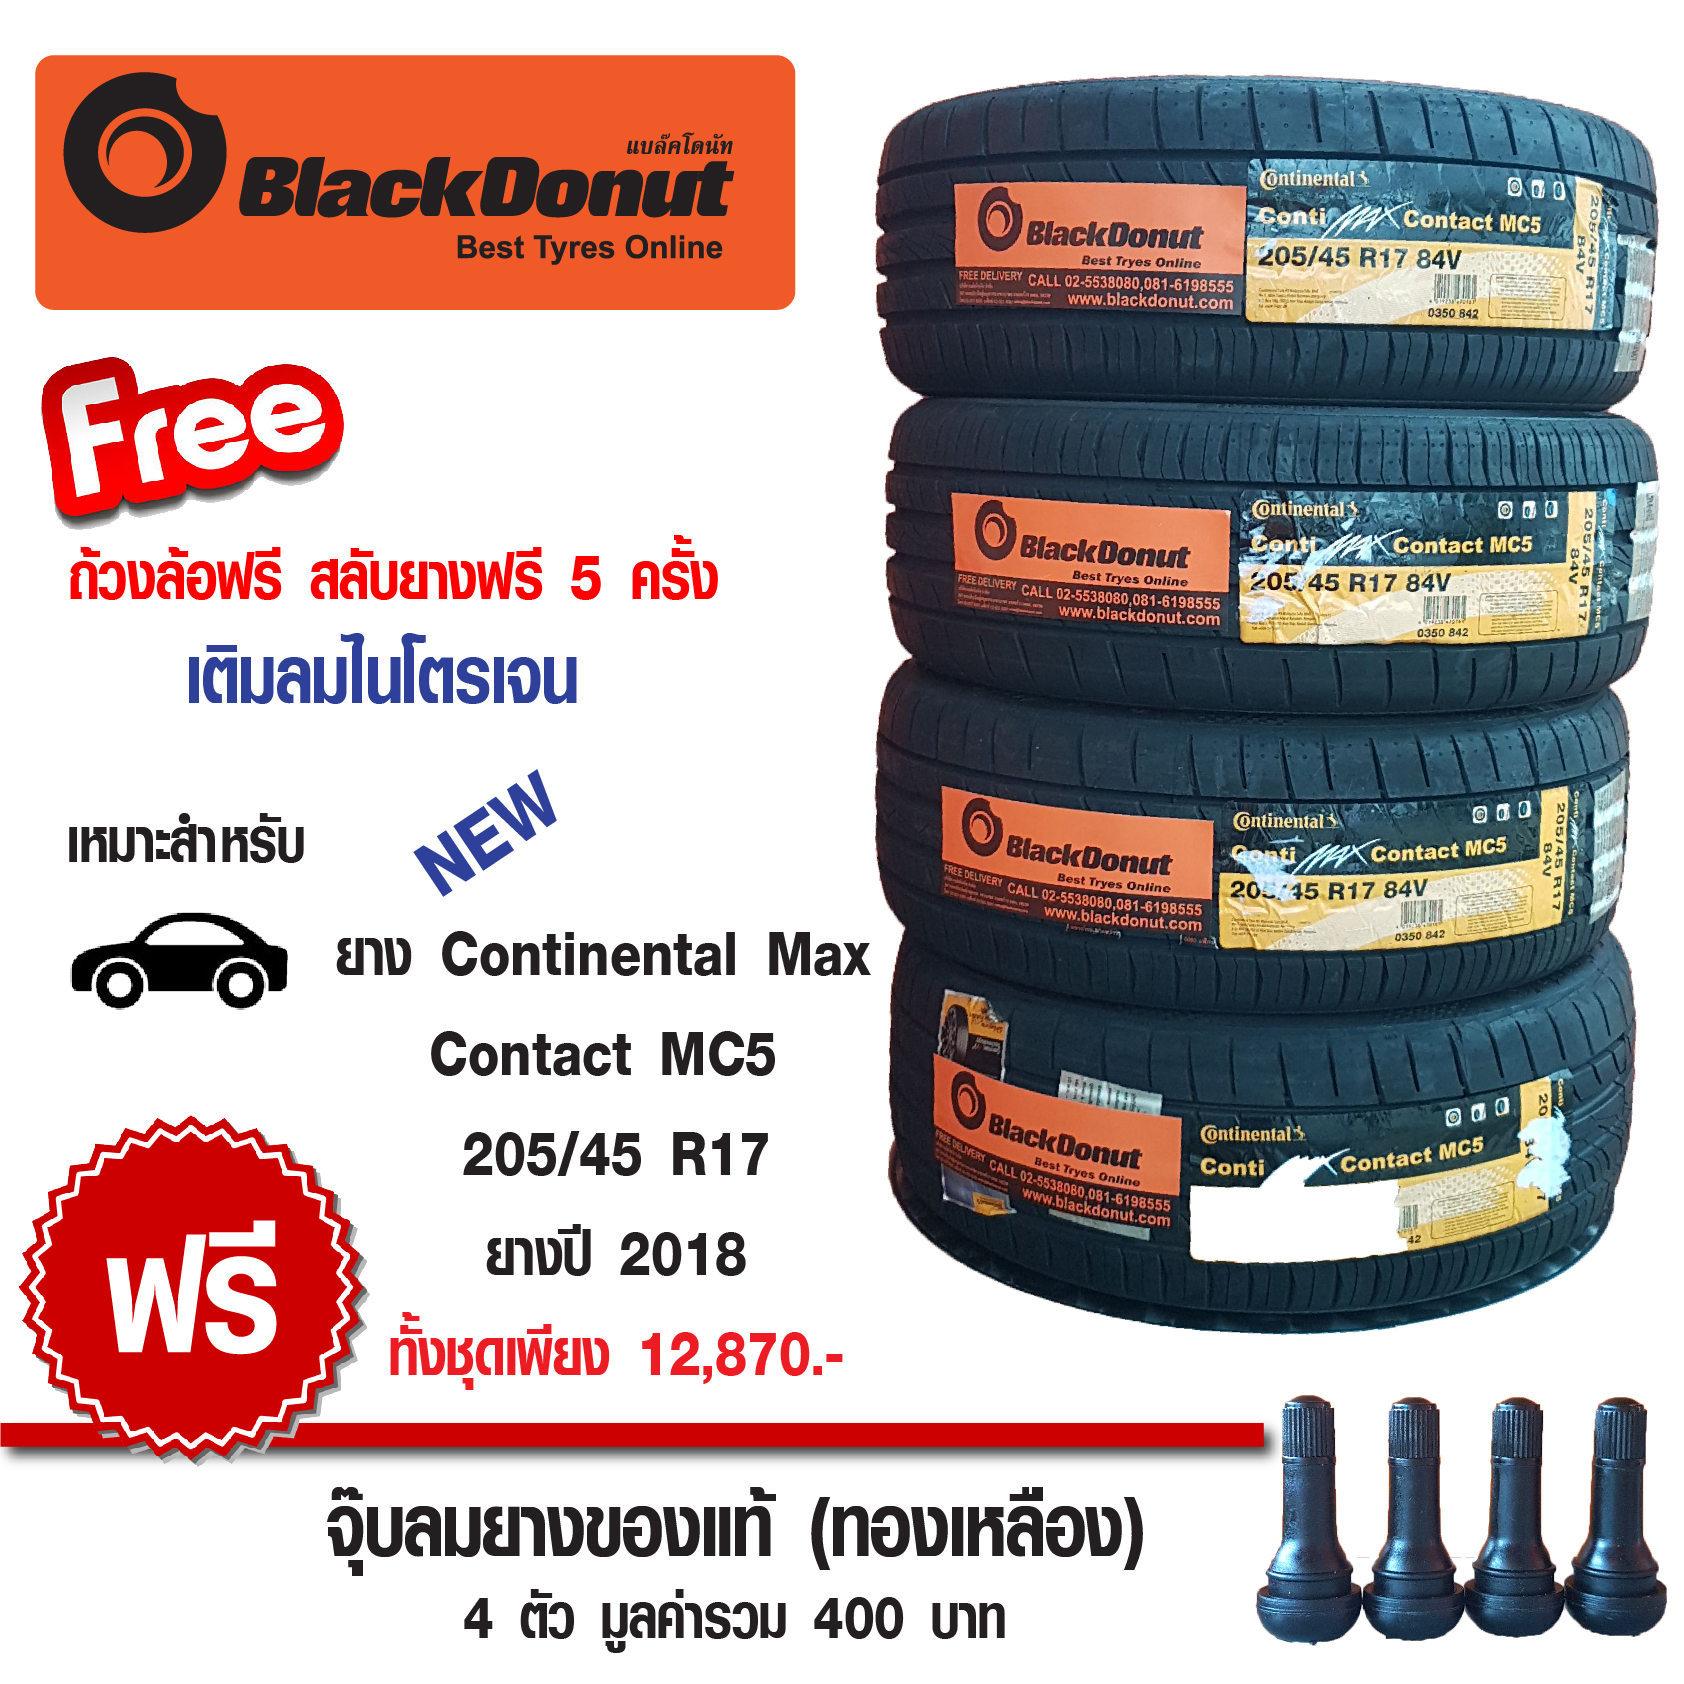 blackdonut-05